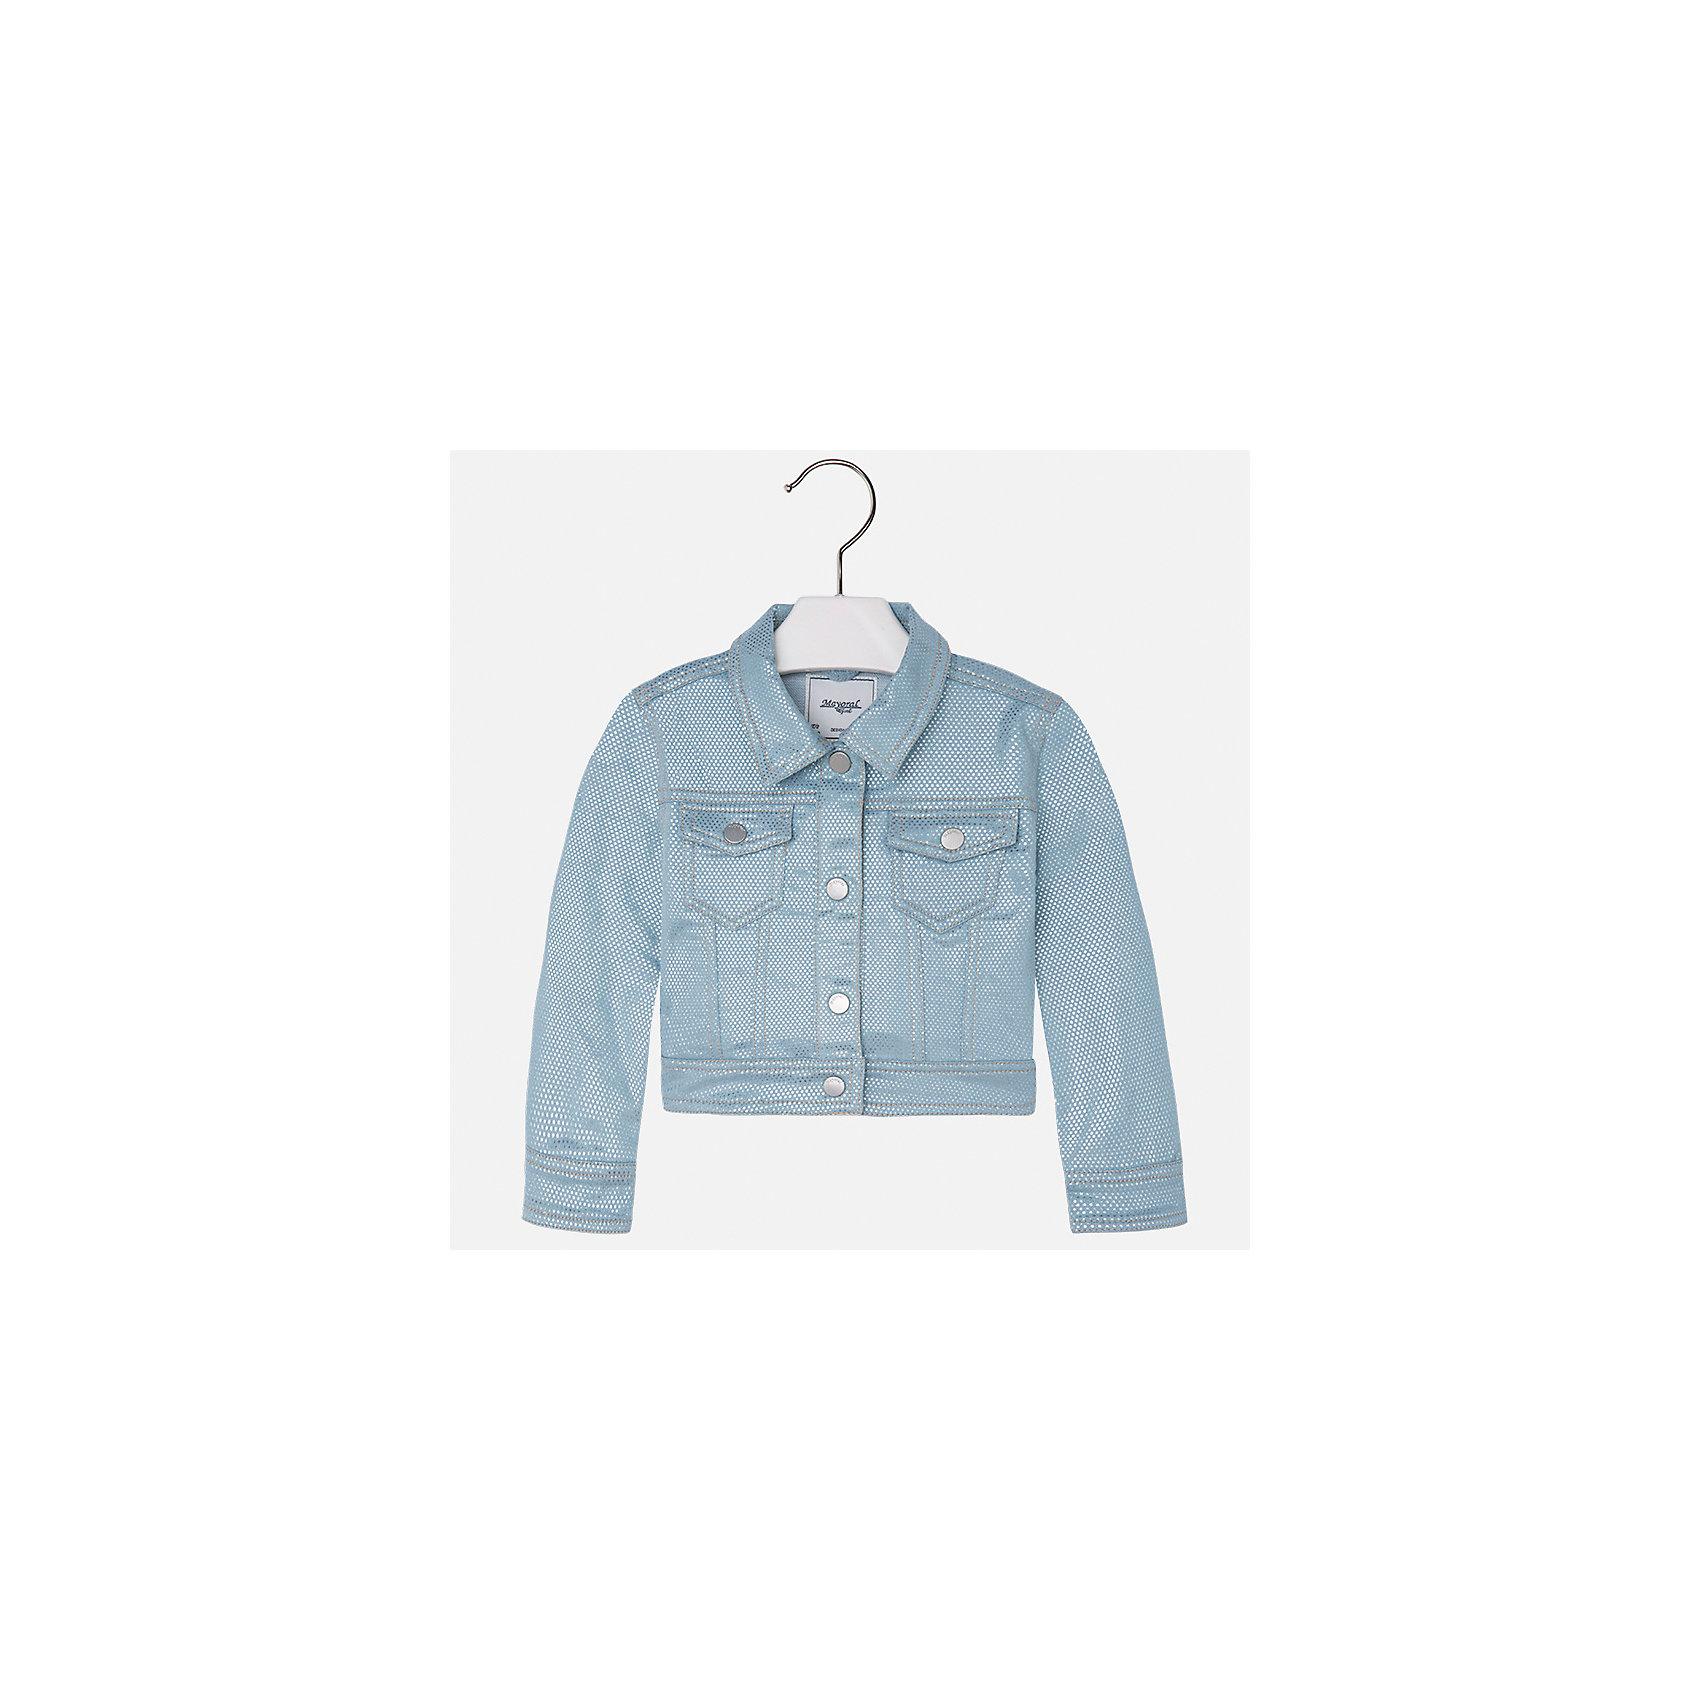 Куртка для девочки MayoralДжинсовая одежда<br>Характеристики товара:<br><br>• цвет: голубой<br>• состав: 71% хлопок, 28% полиэстер, 1% эластан<br>• застежка: пуговицы<br>• карманы<br>• с длинными рукавами <br>• отложной воротник<br>• контрастная прострочка<br>• страна бренда: Испания<br><br>Модная удобная куртка для девочки поможет разнообразить гардероб ребенка. Она отлично сочетается и с юбками, и с брюками. Отличный способ придать наряду оригинальность!<br><br>Куртку для девочки от испанского бренда Mayoral (Майорал) можно купить в нашем интернет-магазине.<br><br>Ширина мм: 356<br>Глубина мм: 10<br>Высота мм: 245<br>Вес г: 519<br>Цвет: голубой<br>Возраст от месяцев: 96<br>Возраст до месяцев: 108<br>Пол: Женский<br>Возраст: Детский<br>Размер: 134,92,98,104,110,116,122,128<br>SKU: 5290136